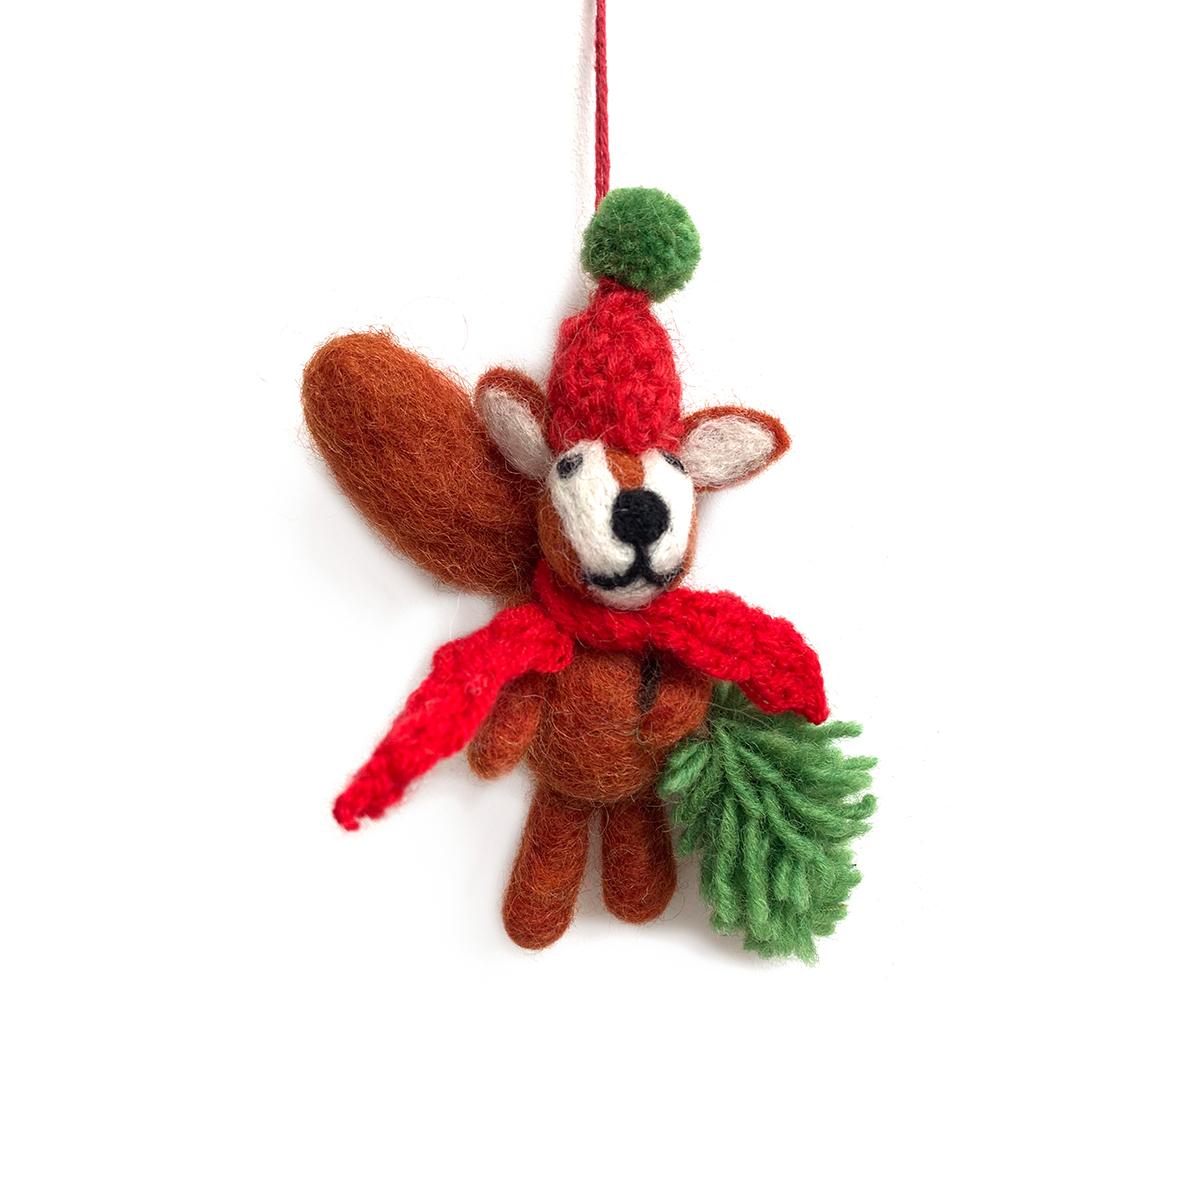 Squirrel Christmas decoration by Felt So Good